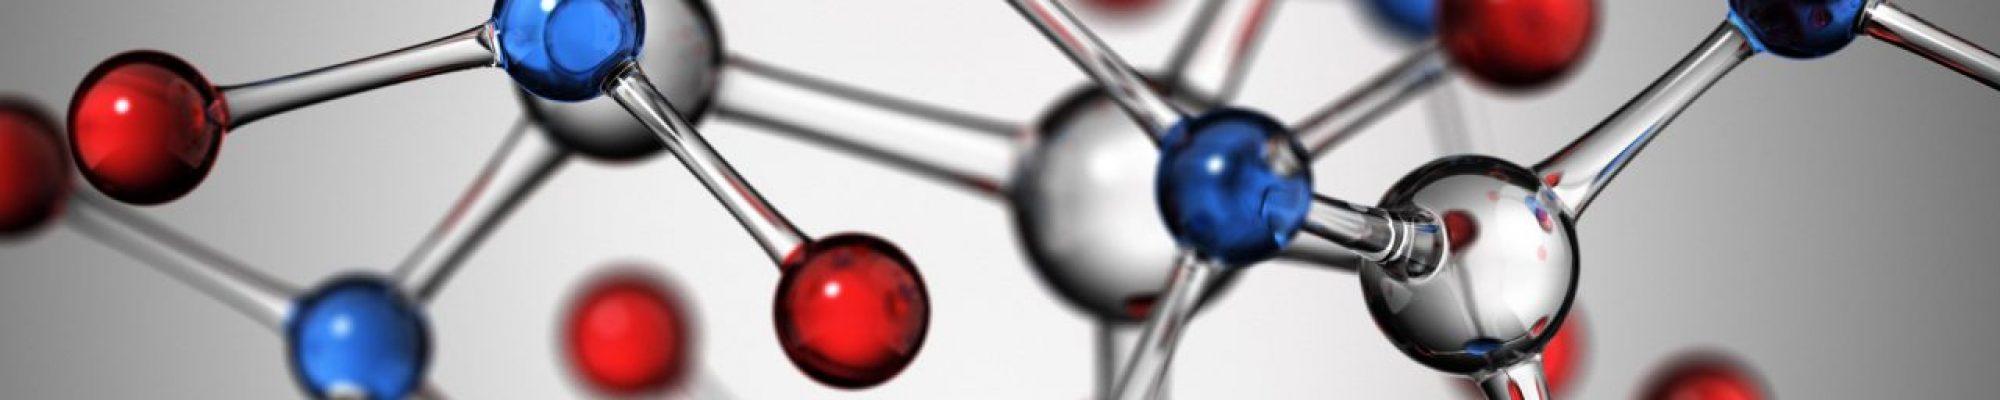 Scientific background. 3D render.